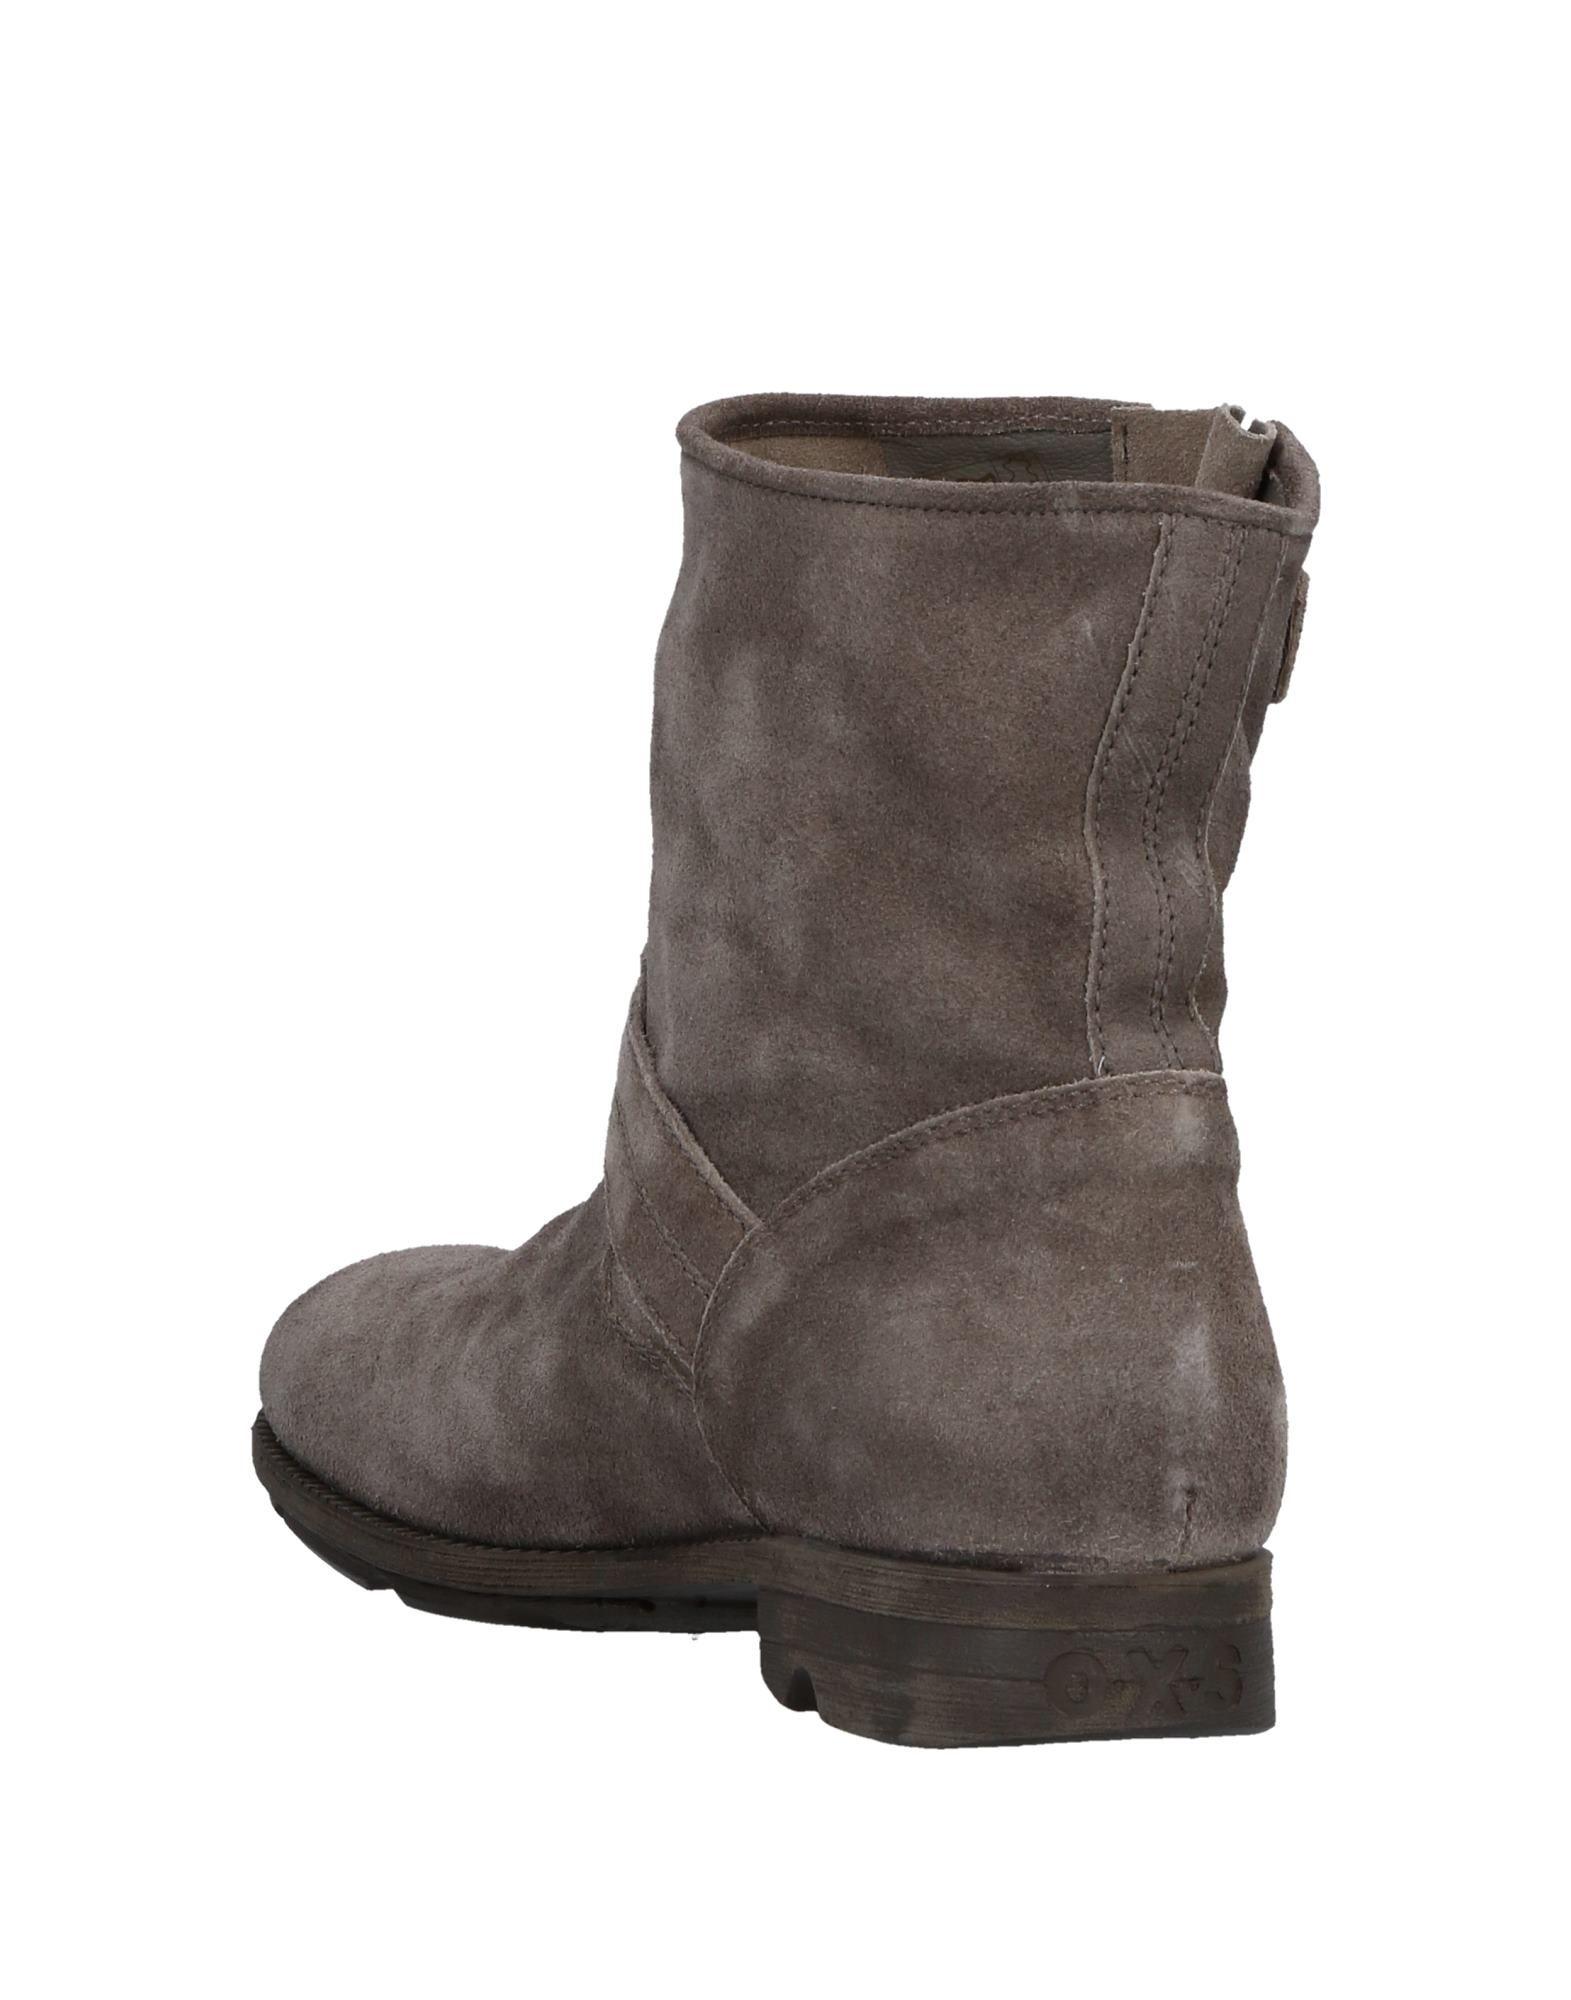 Gut um Stiefelette billige Schuhe zu tragenO.X.S. Stiefelette um Damen  11515469MR 3fb512